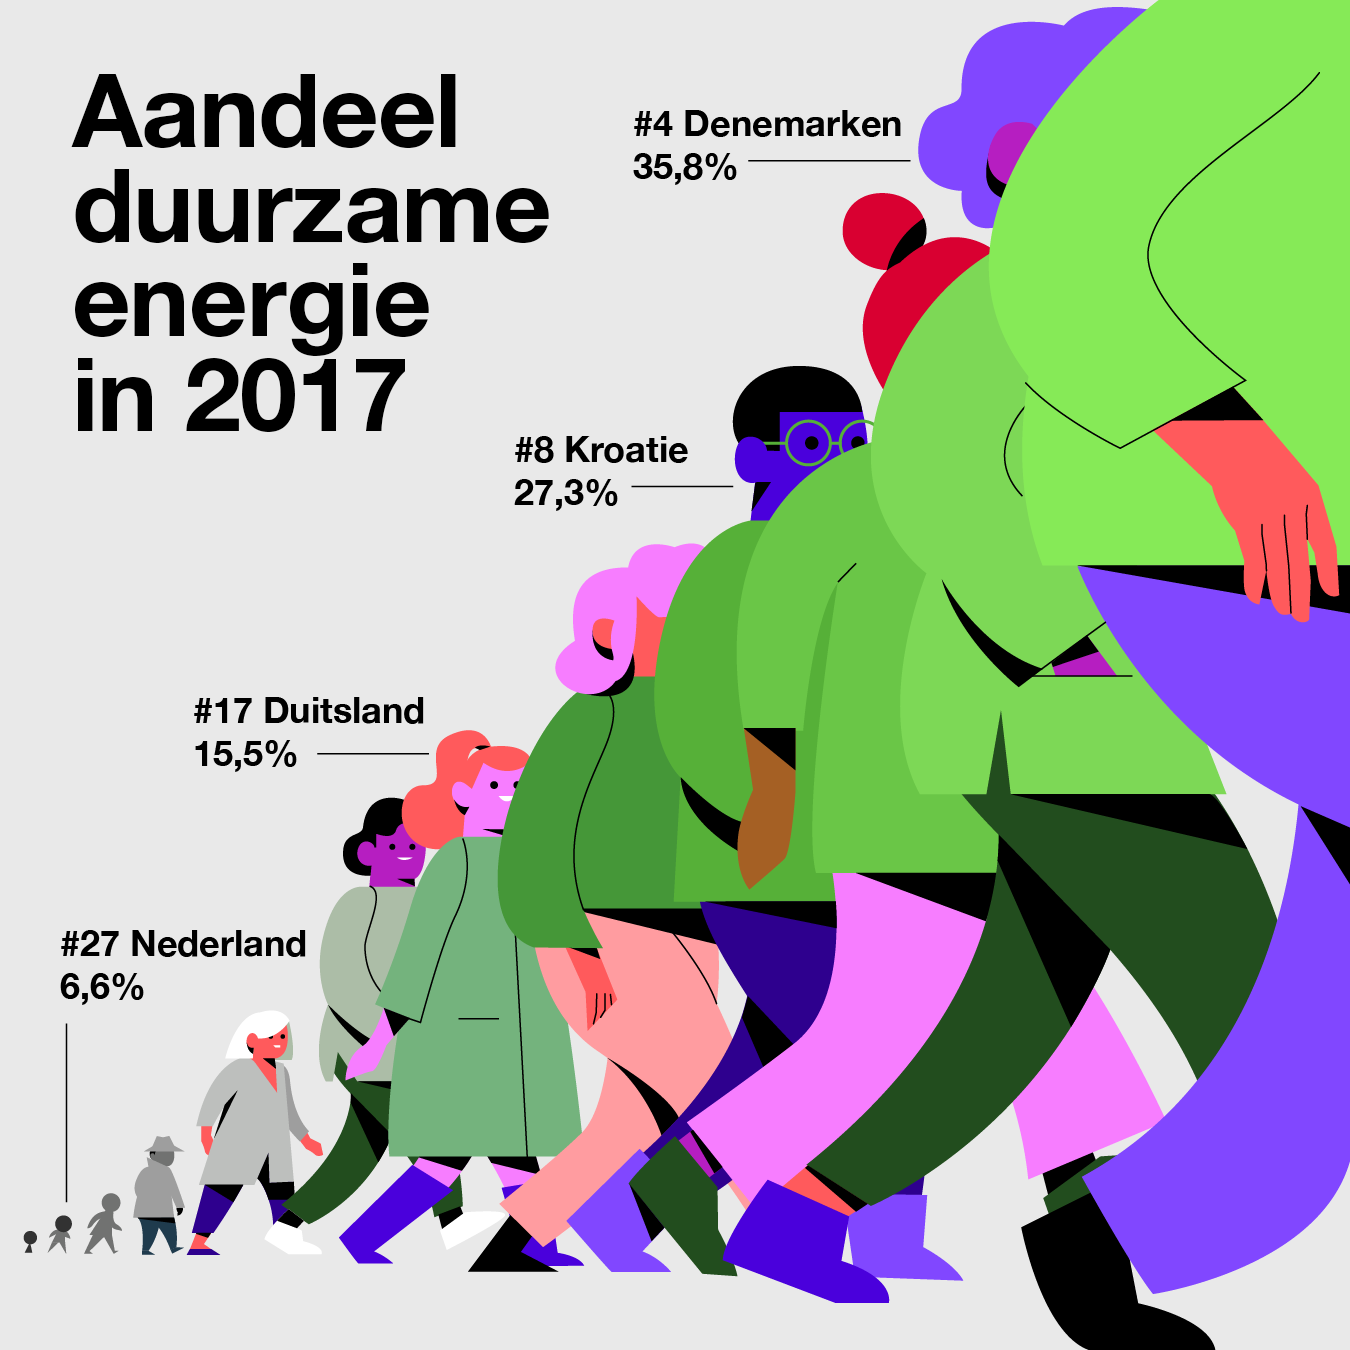 Aandeel duurzame energie in 2017